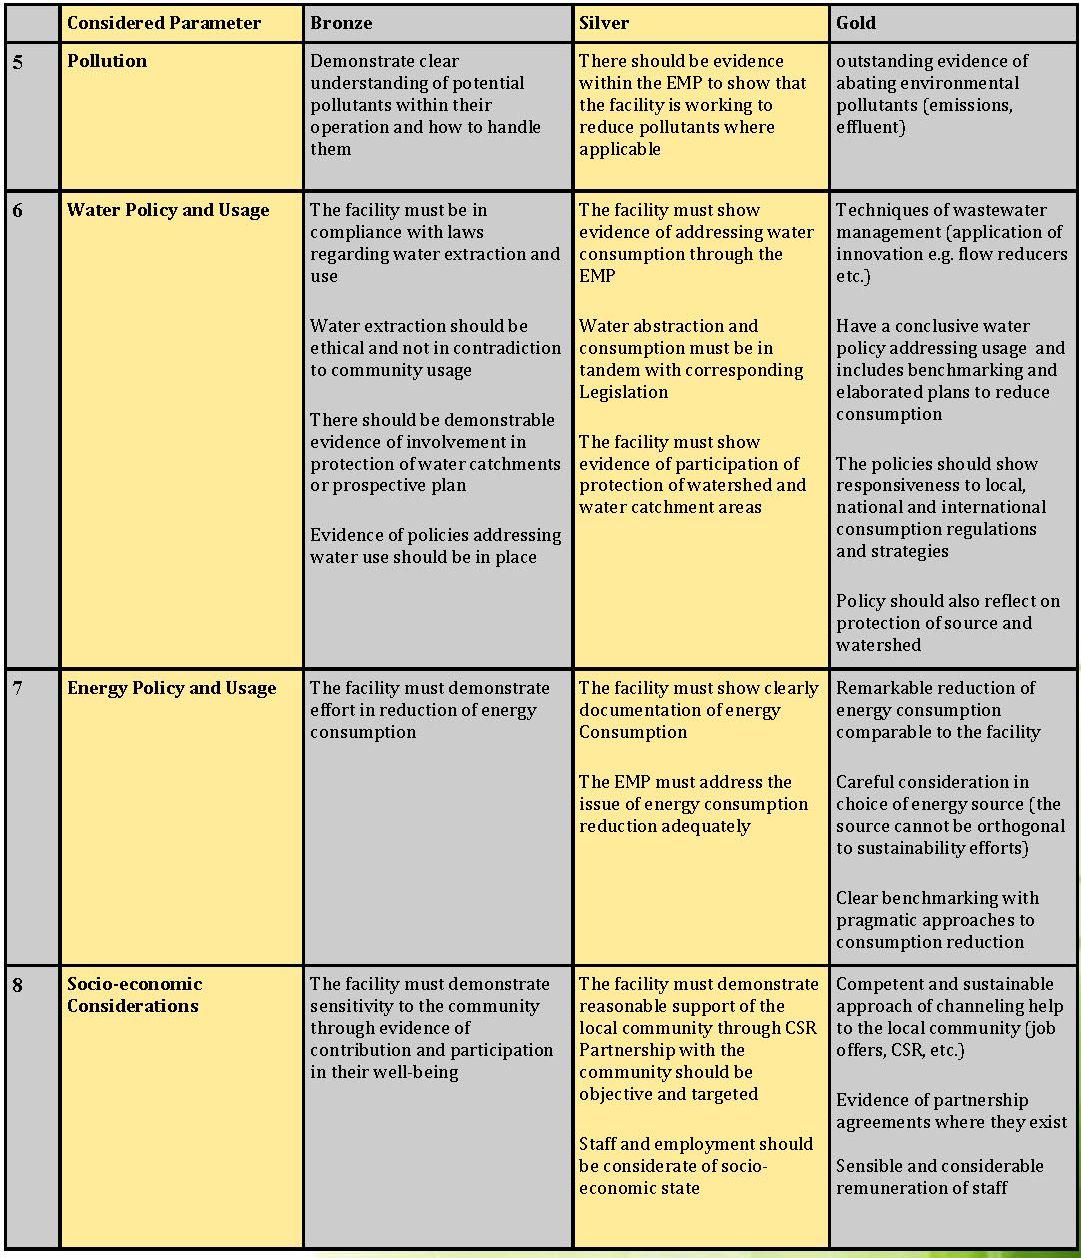 肯亞生態旅遊協會綠色旅宿標章認證Ecorating_Guide_頁面_08.jpg - 日誌用相簿